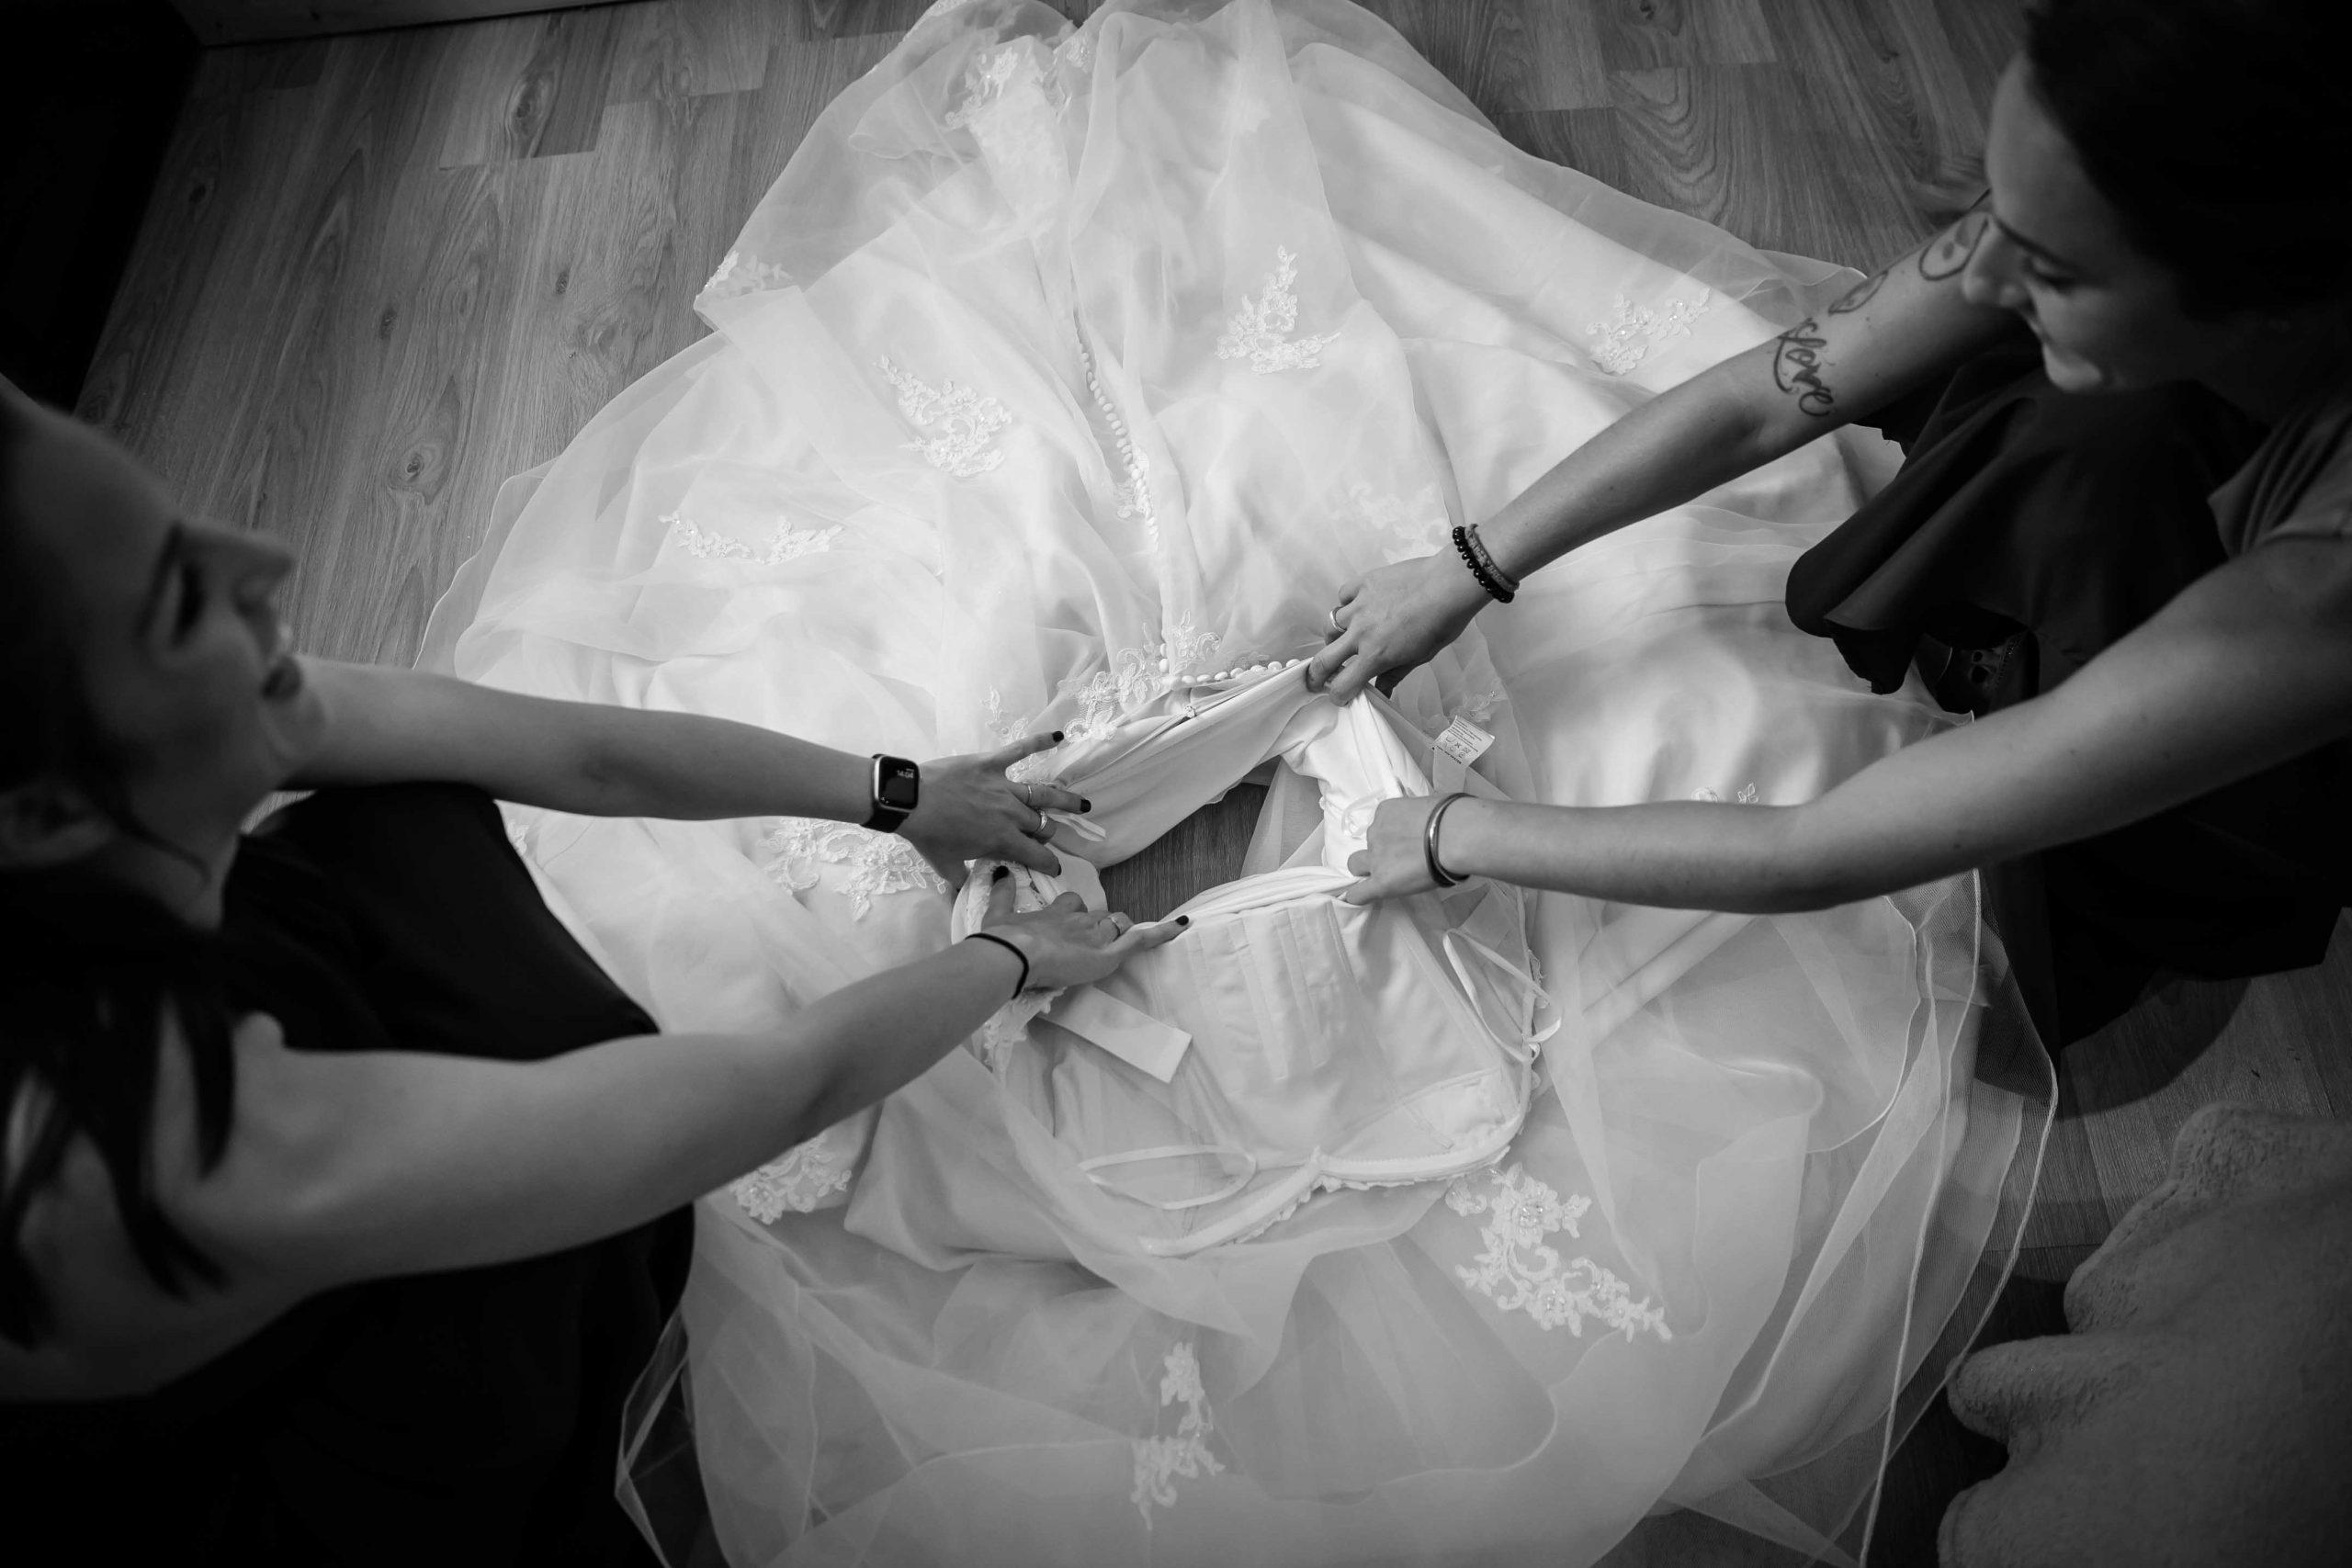 l'essayage de la robe de mariée